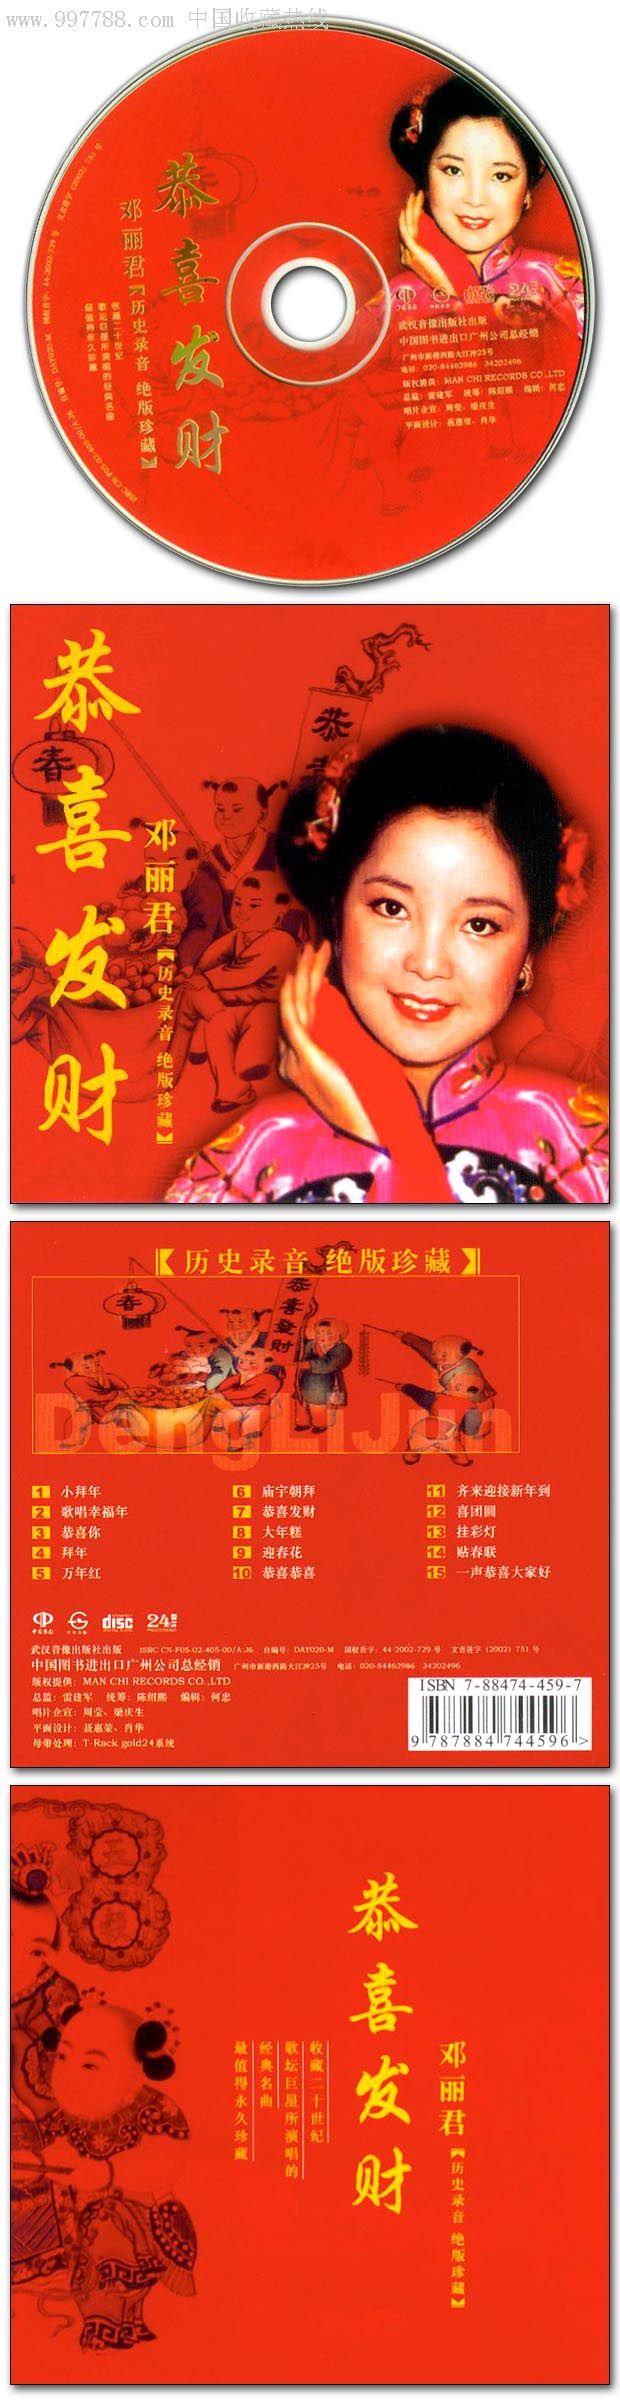 邓丽君-恭喜发财(24k金碟国语全新cd唱片历史录音绝版